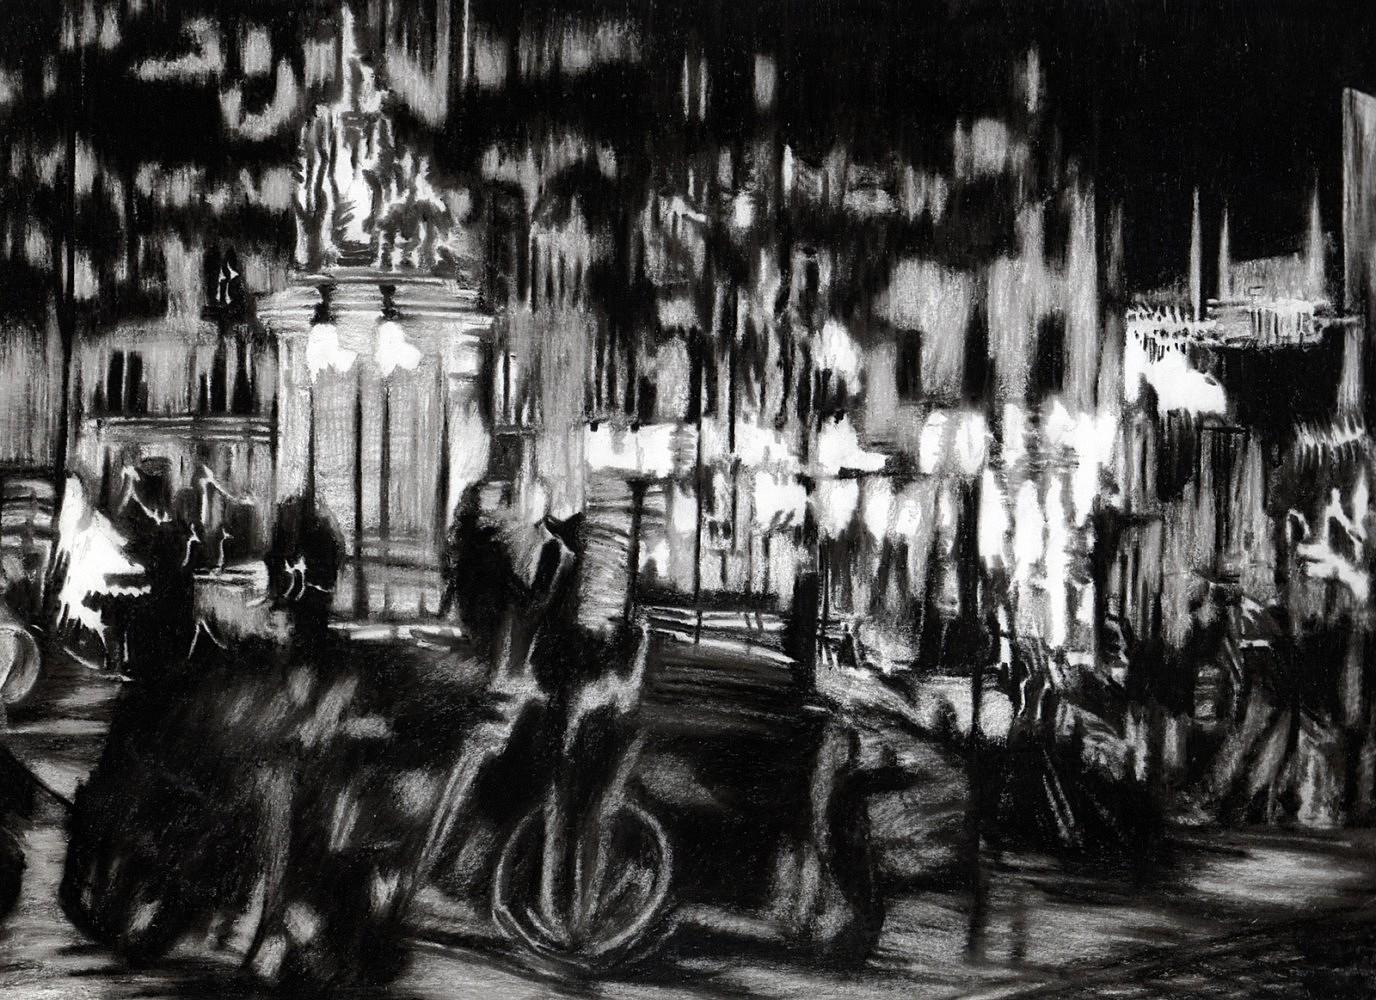 Nocturnes (Place Clichy #2) | Crayon marqueur 25x35 cm - 2011